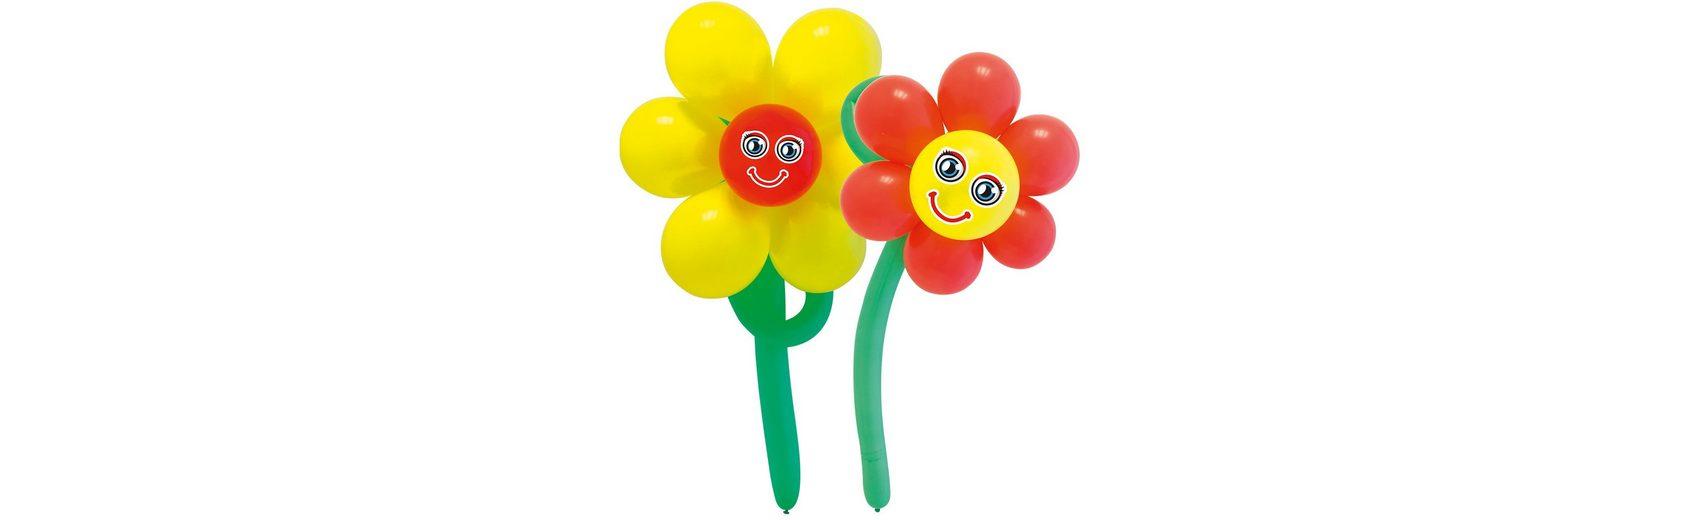 Luftballonsbastelset Blumen